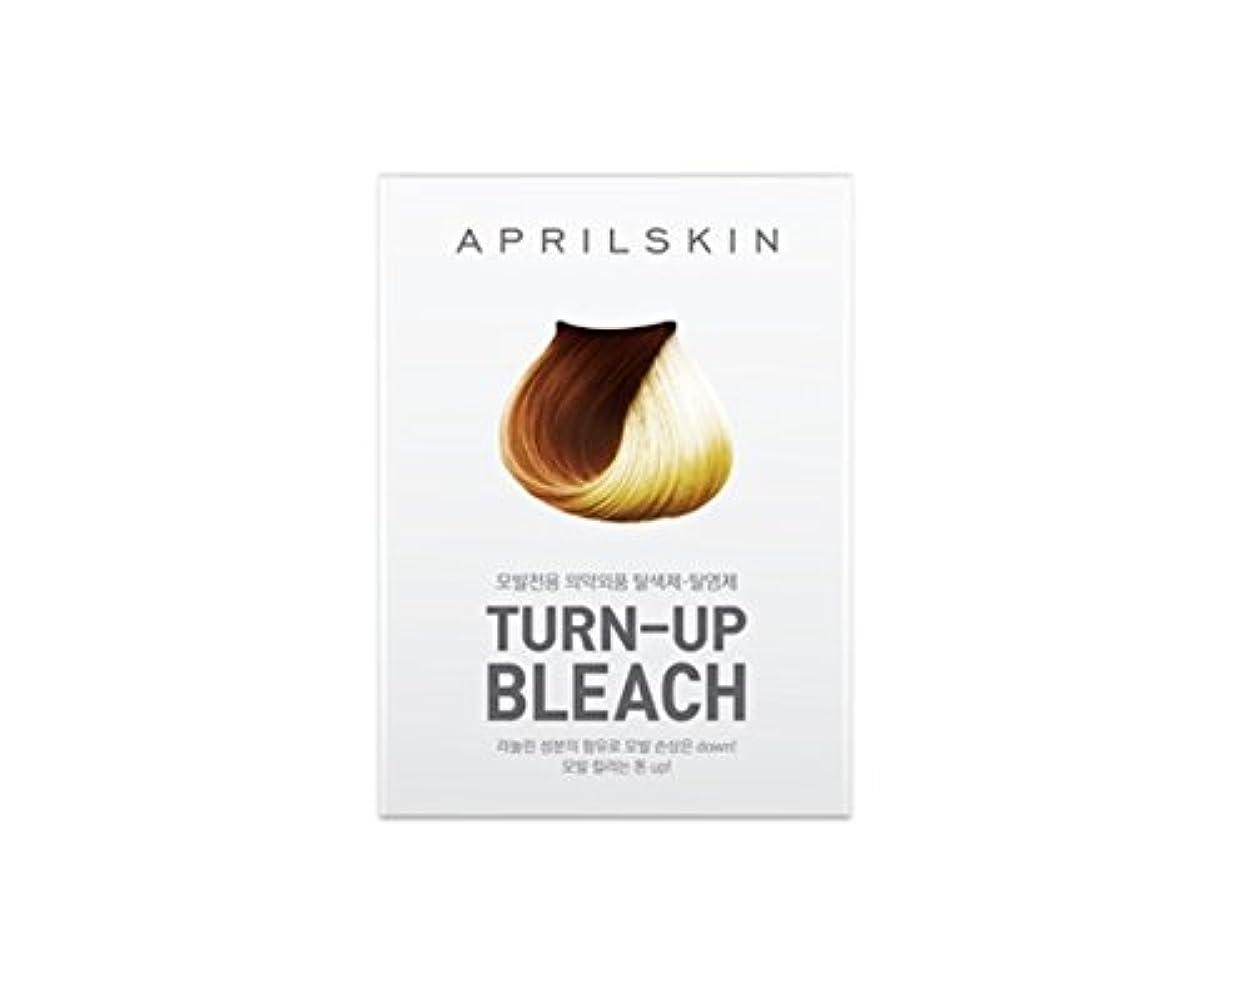 胸ぺディカブ入植者エープリル?スキン [韓国コスメ April Skin] 漂白ブリーチ(ヘアブリーチ)Turn Up Bleach (Hair Bleach) [海外直送品]